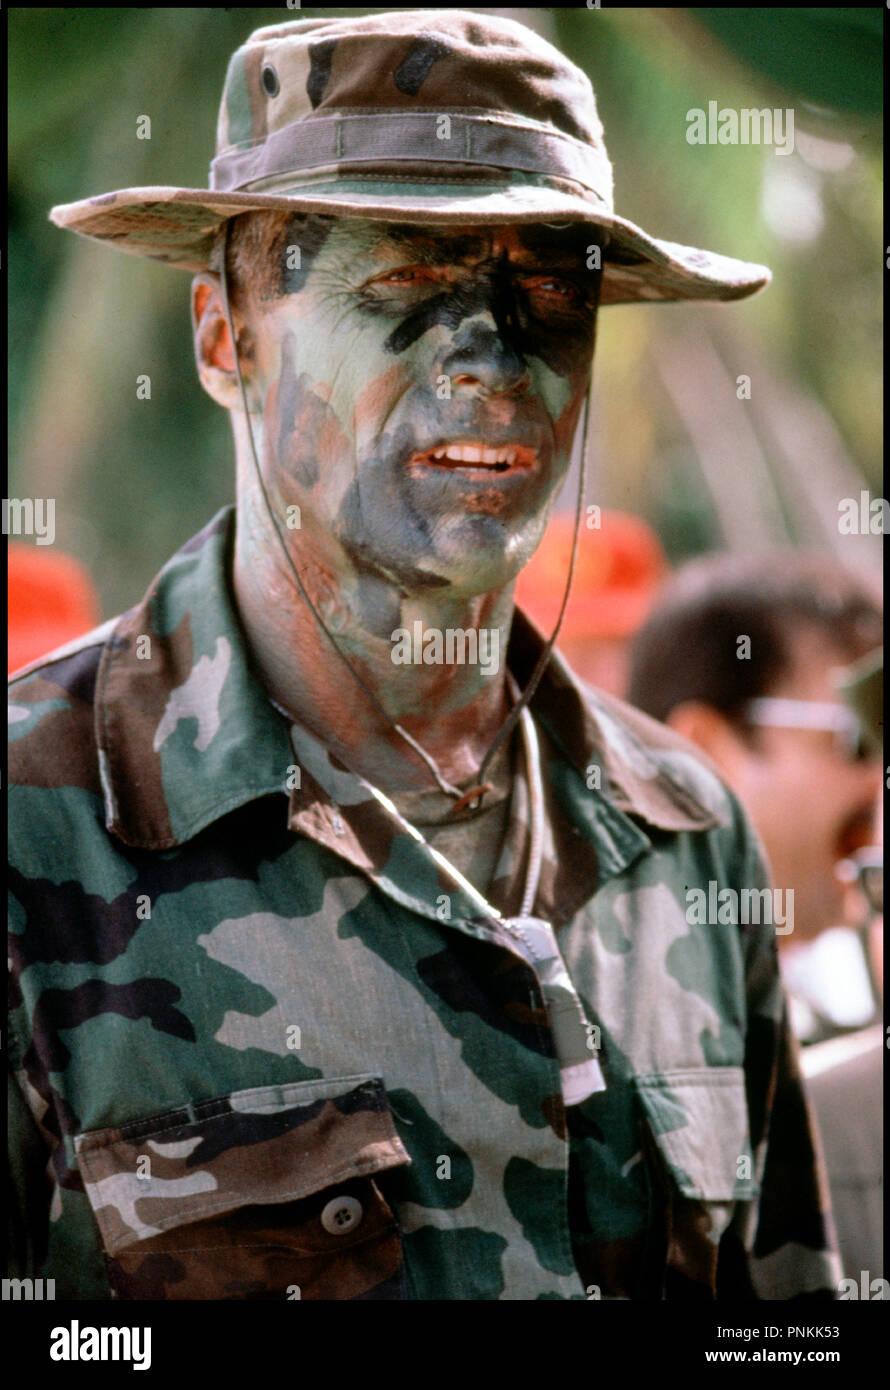 Prod DB © Malpaso Compagny / DR LE MAITRE DE GUERRE (HEARTBREAK RIDGE) de  Clint Eastwood 1986 USA avec Clint Eastwood soldat, militaire, maquillage,